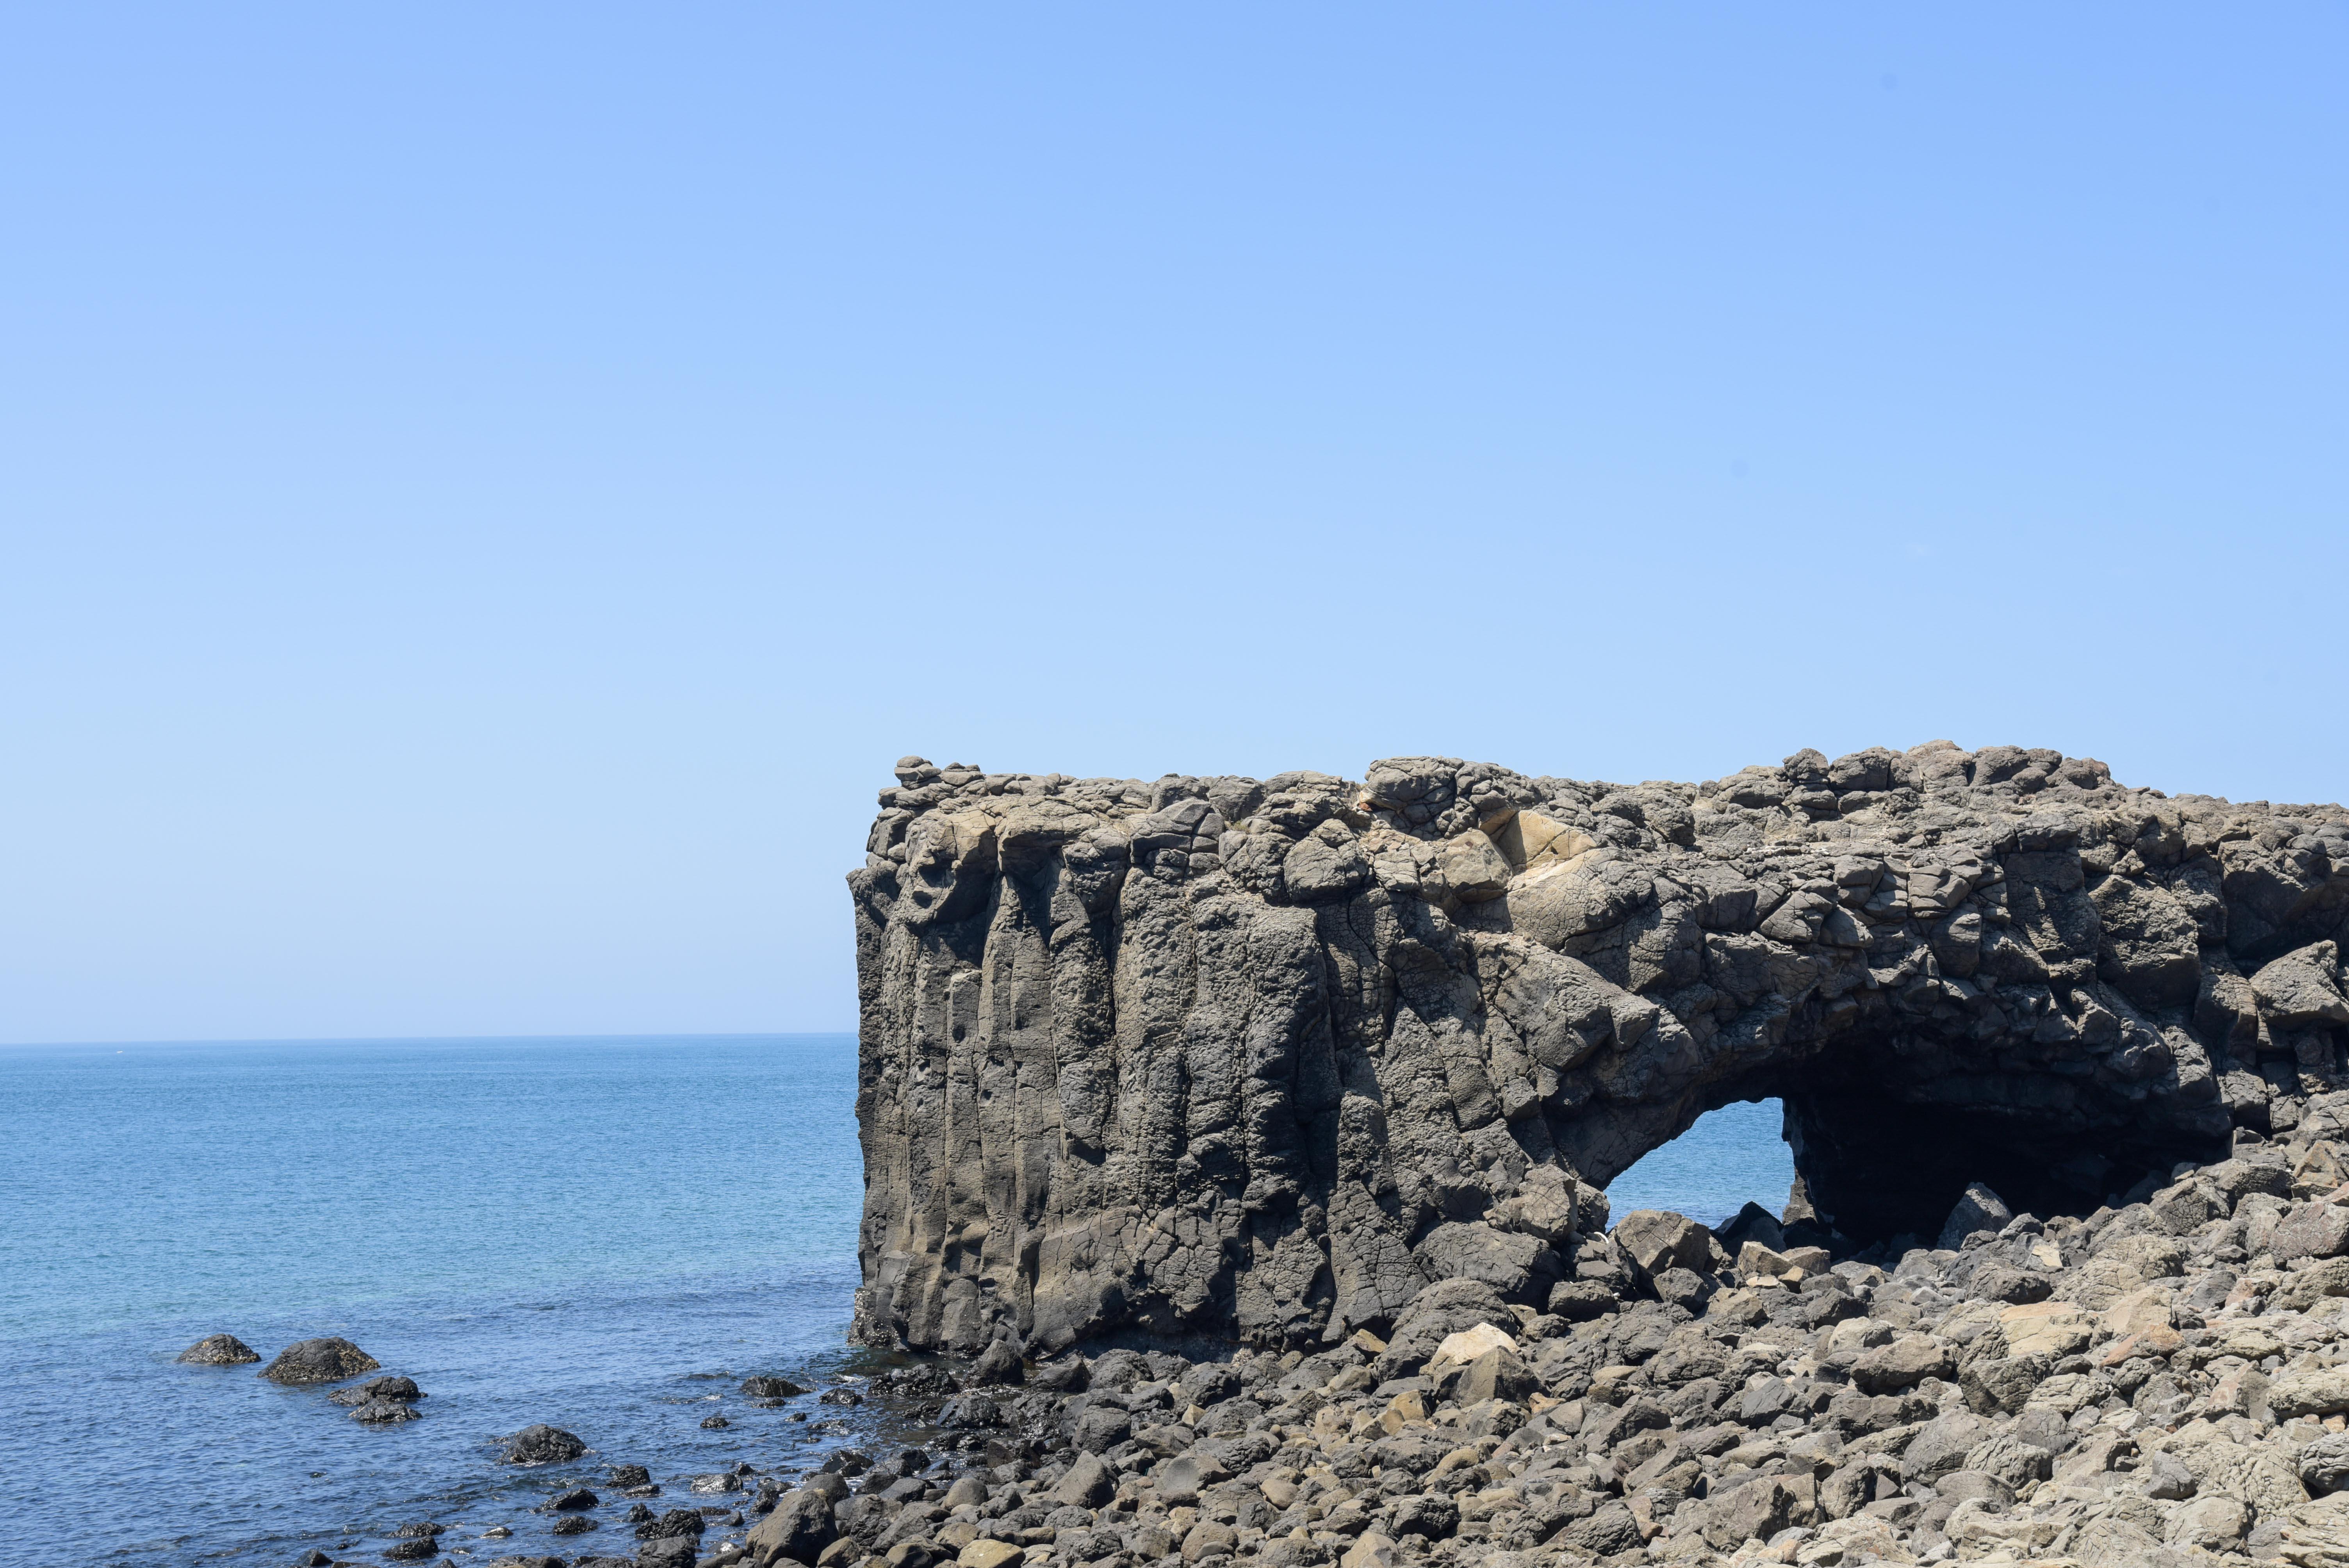 小門地質館のクジラの石